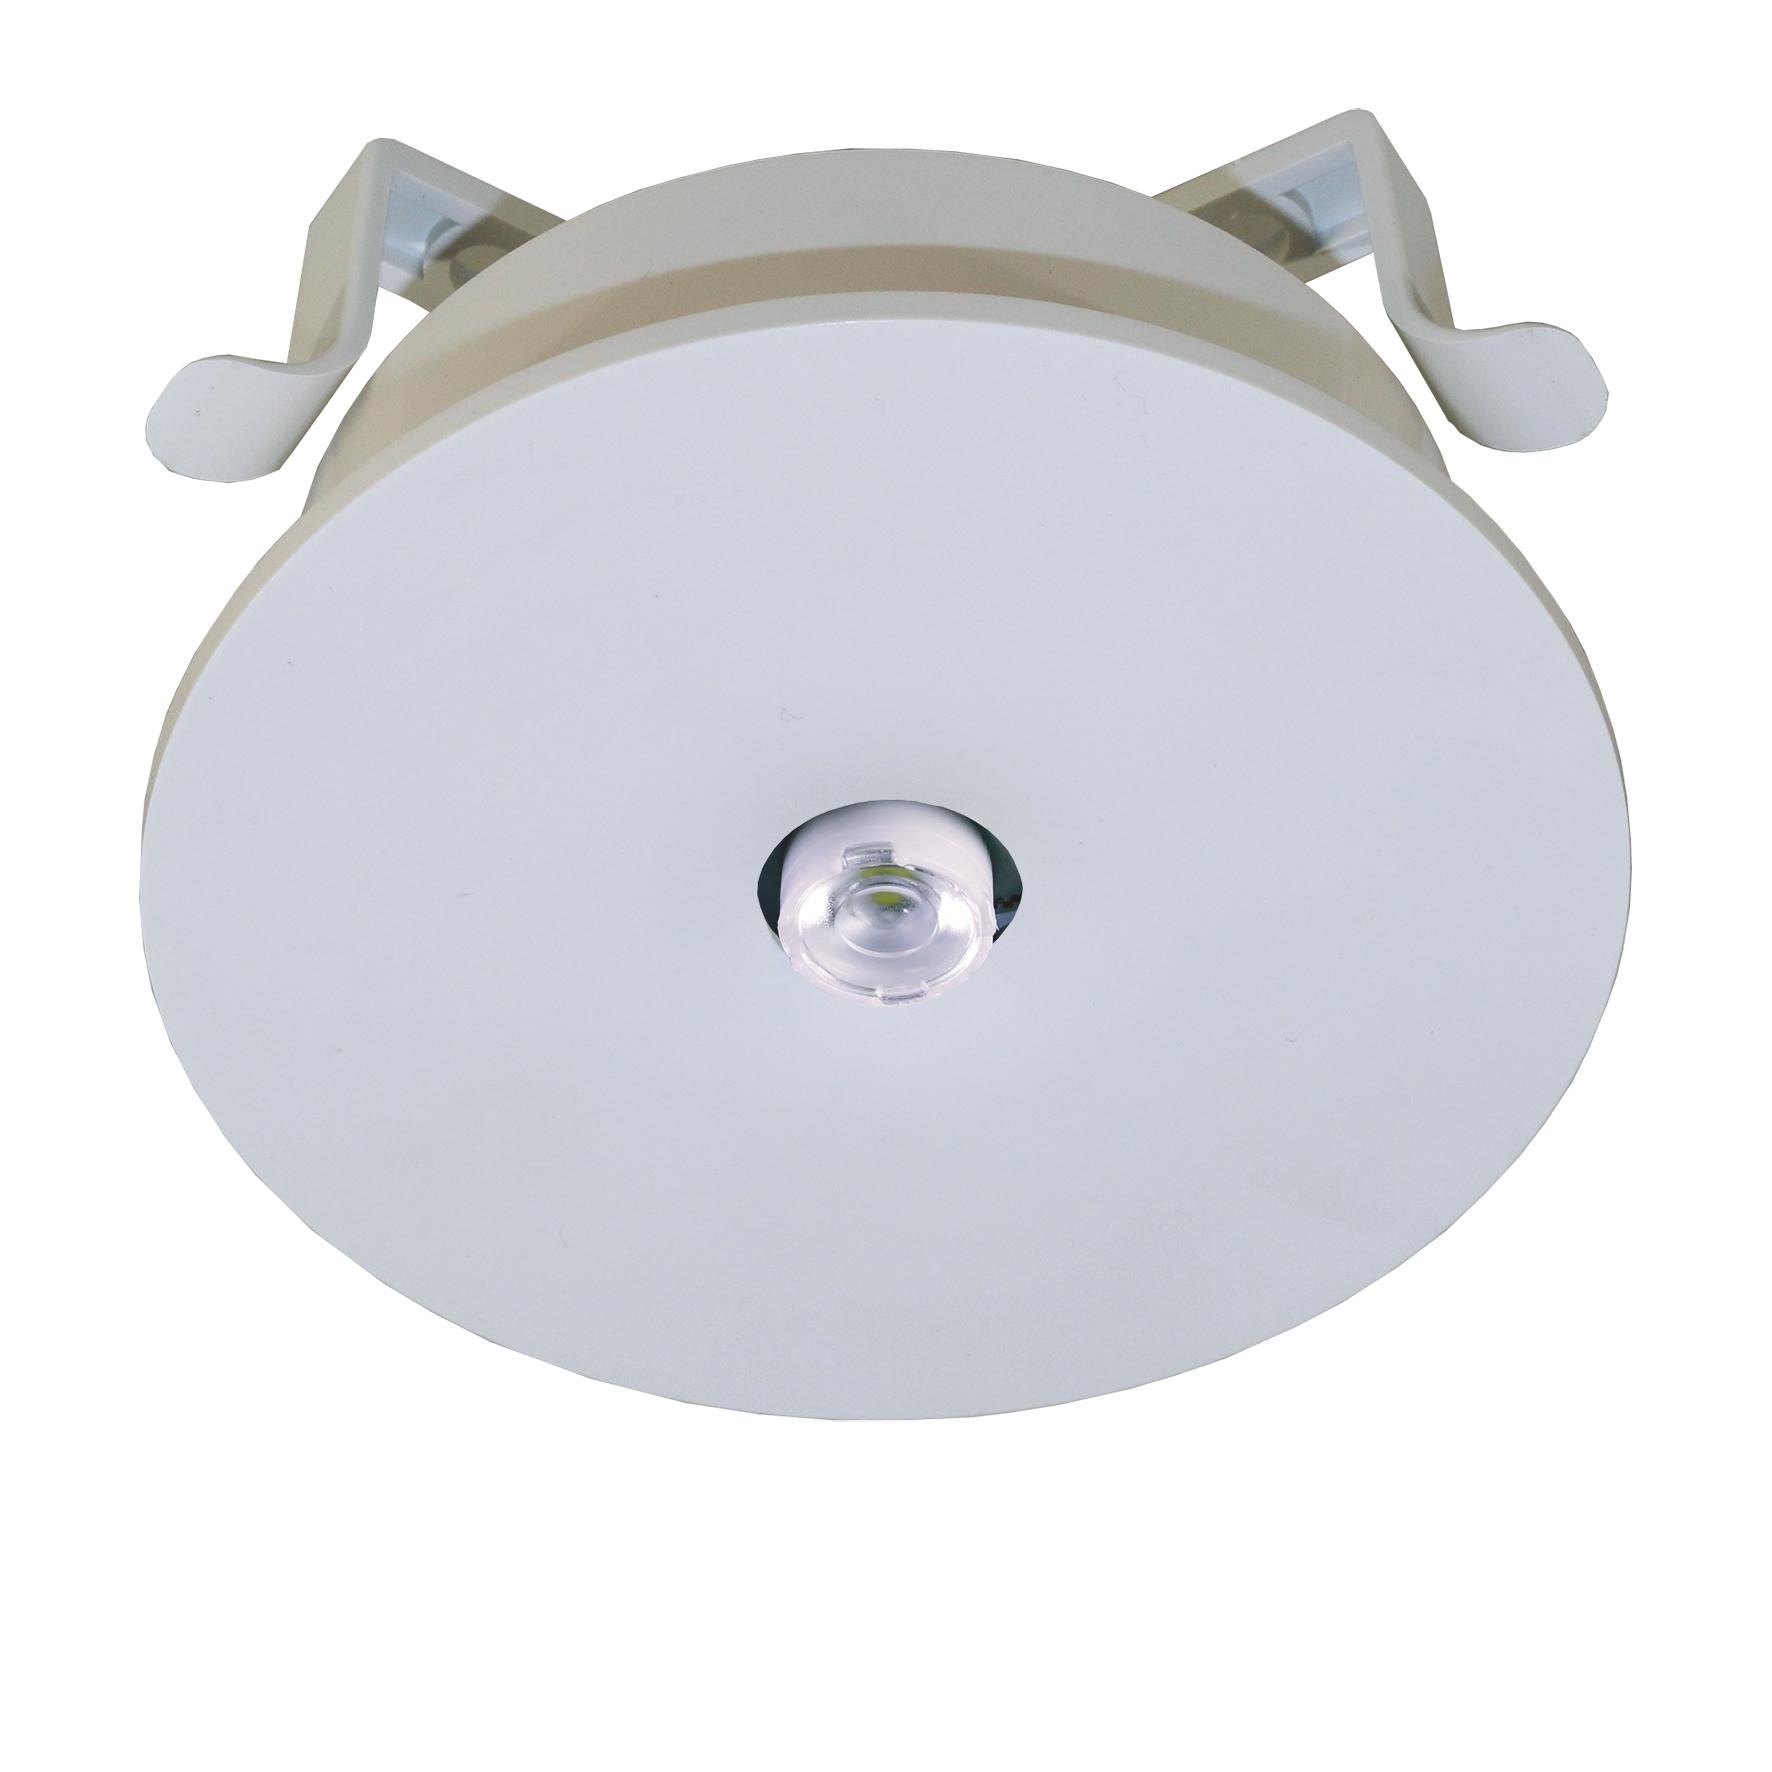 1 Stk Notleuchte IL Autotest 1x3W ERT-LED 3h 230 VAC Spot NLILES023S